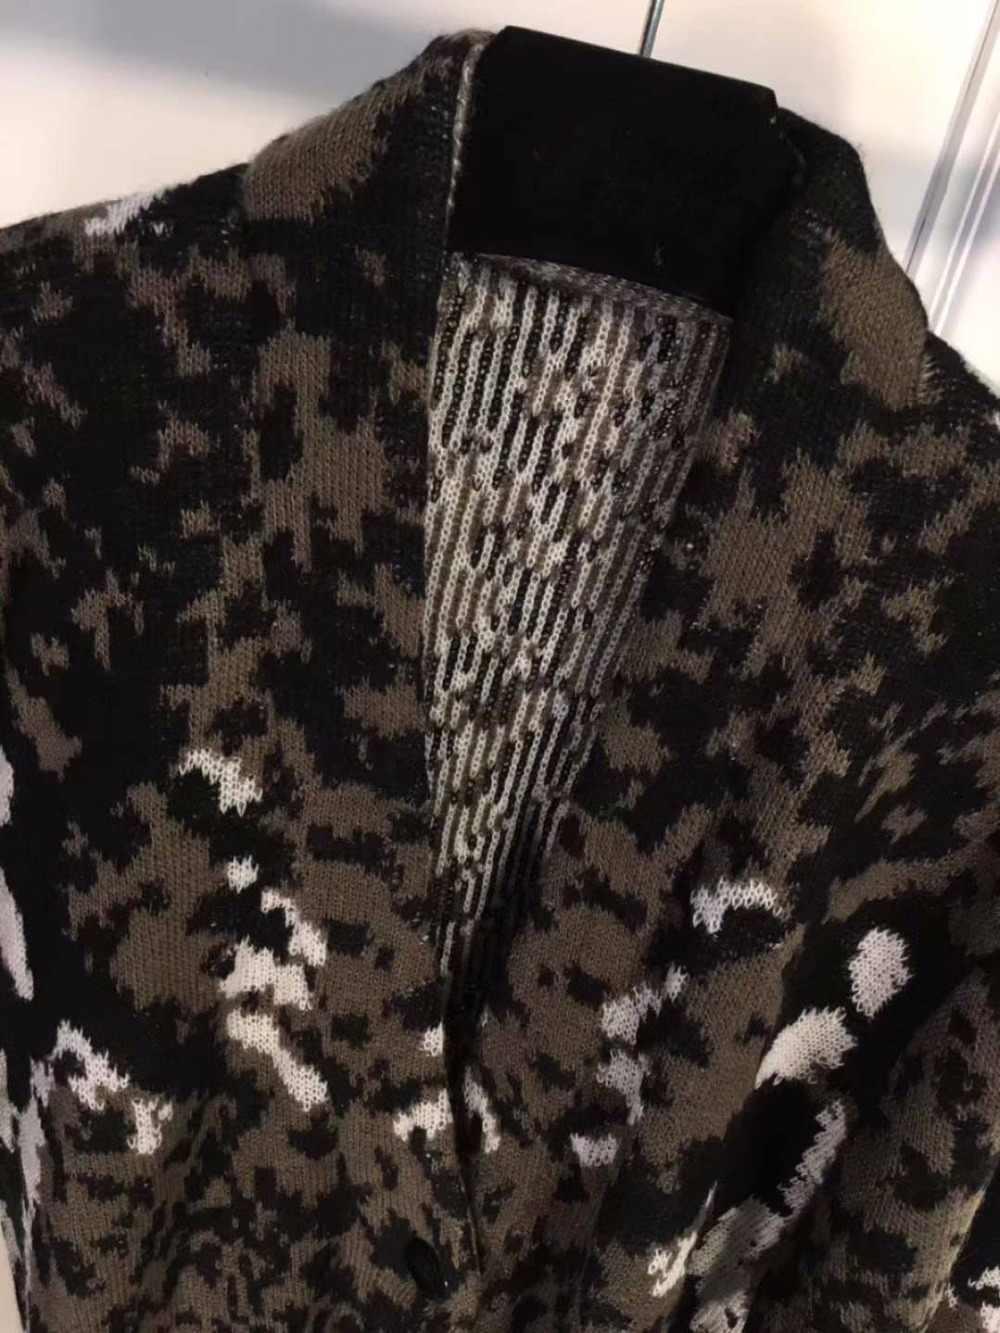 2018 ฤดูหนาวใหม่ silm ป่าหญิง cardigan vadim แฟชั่นเสือดาว jacquard เสื้อกันหนาวถัก streetwwar glamour ผู้หญิง top femme